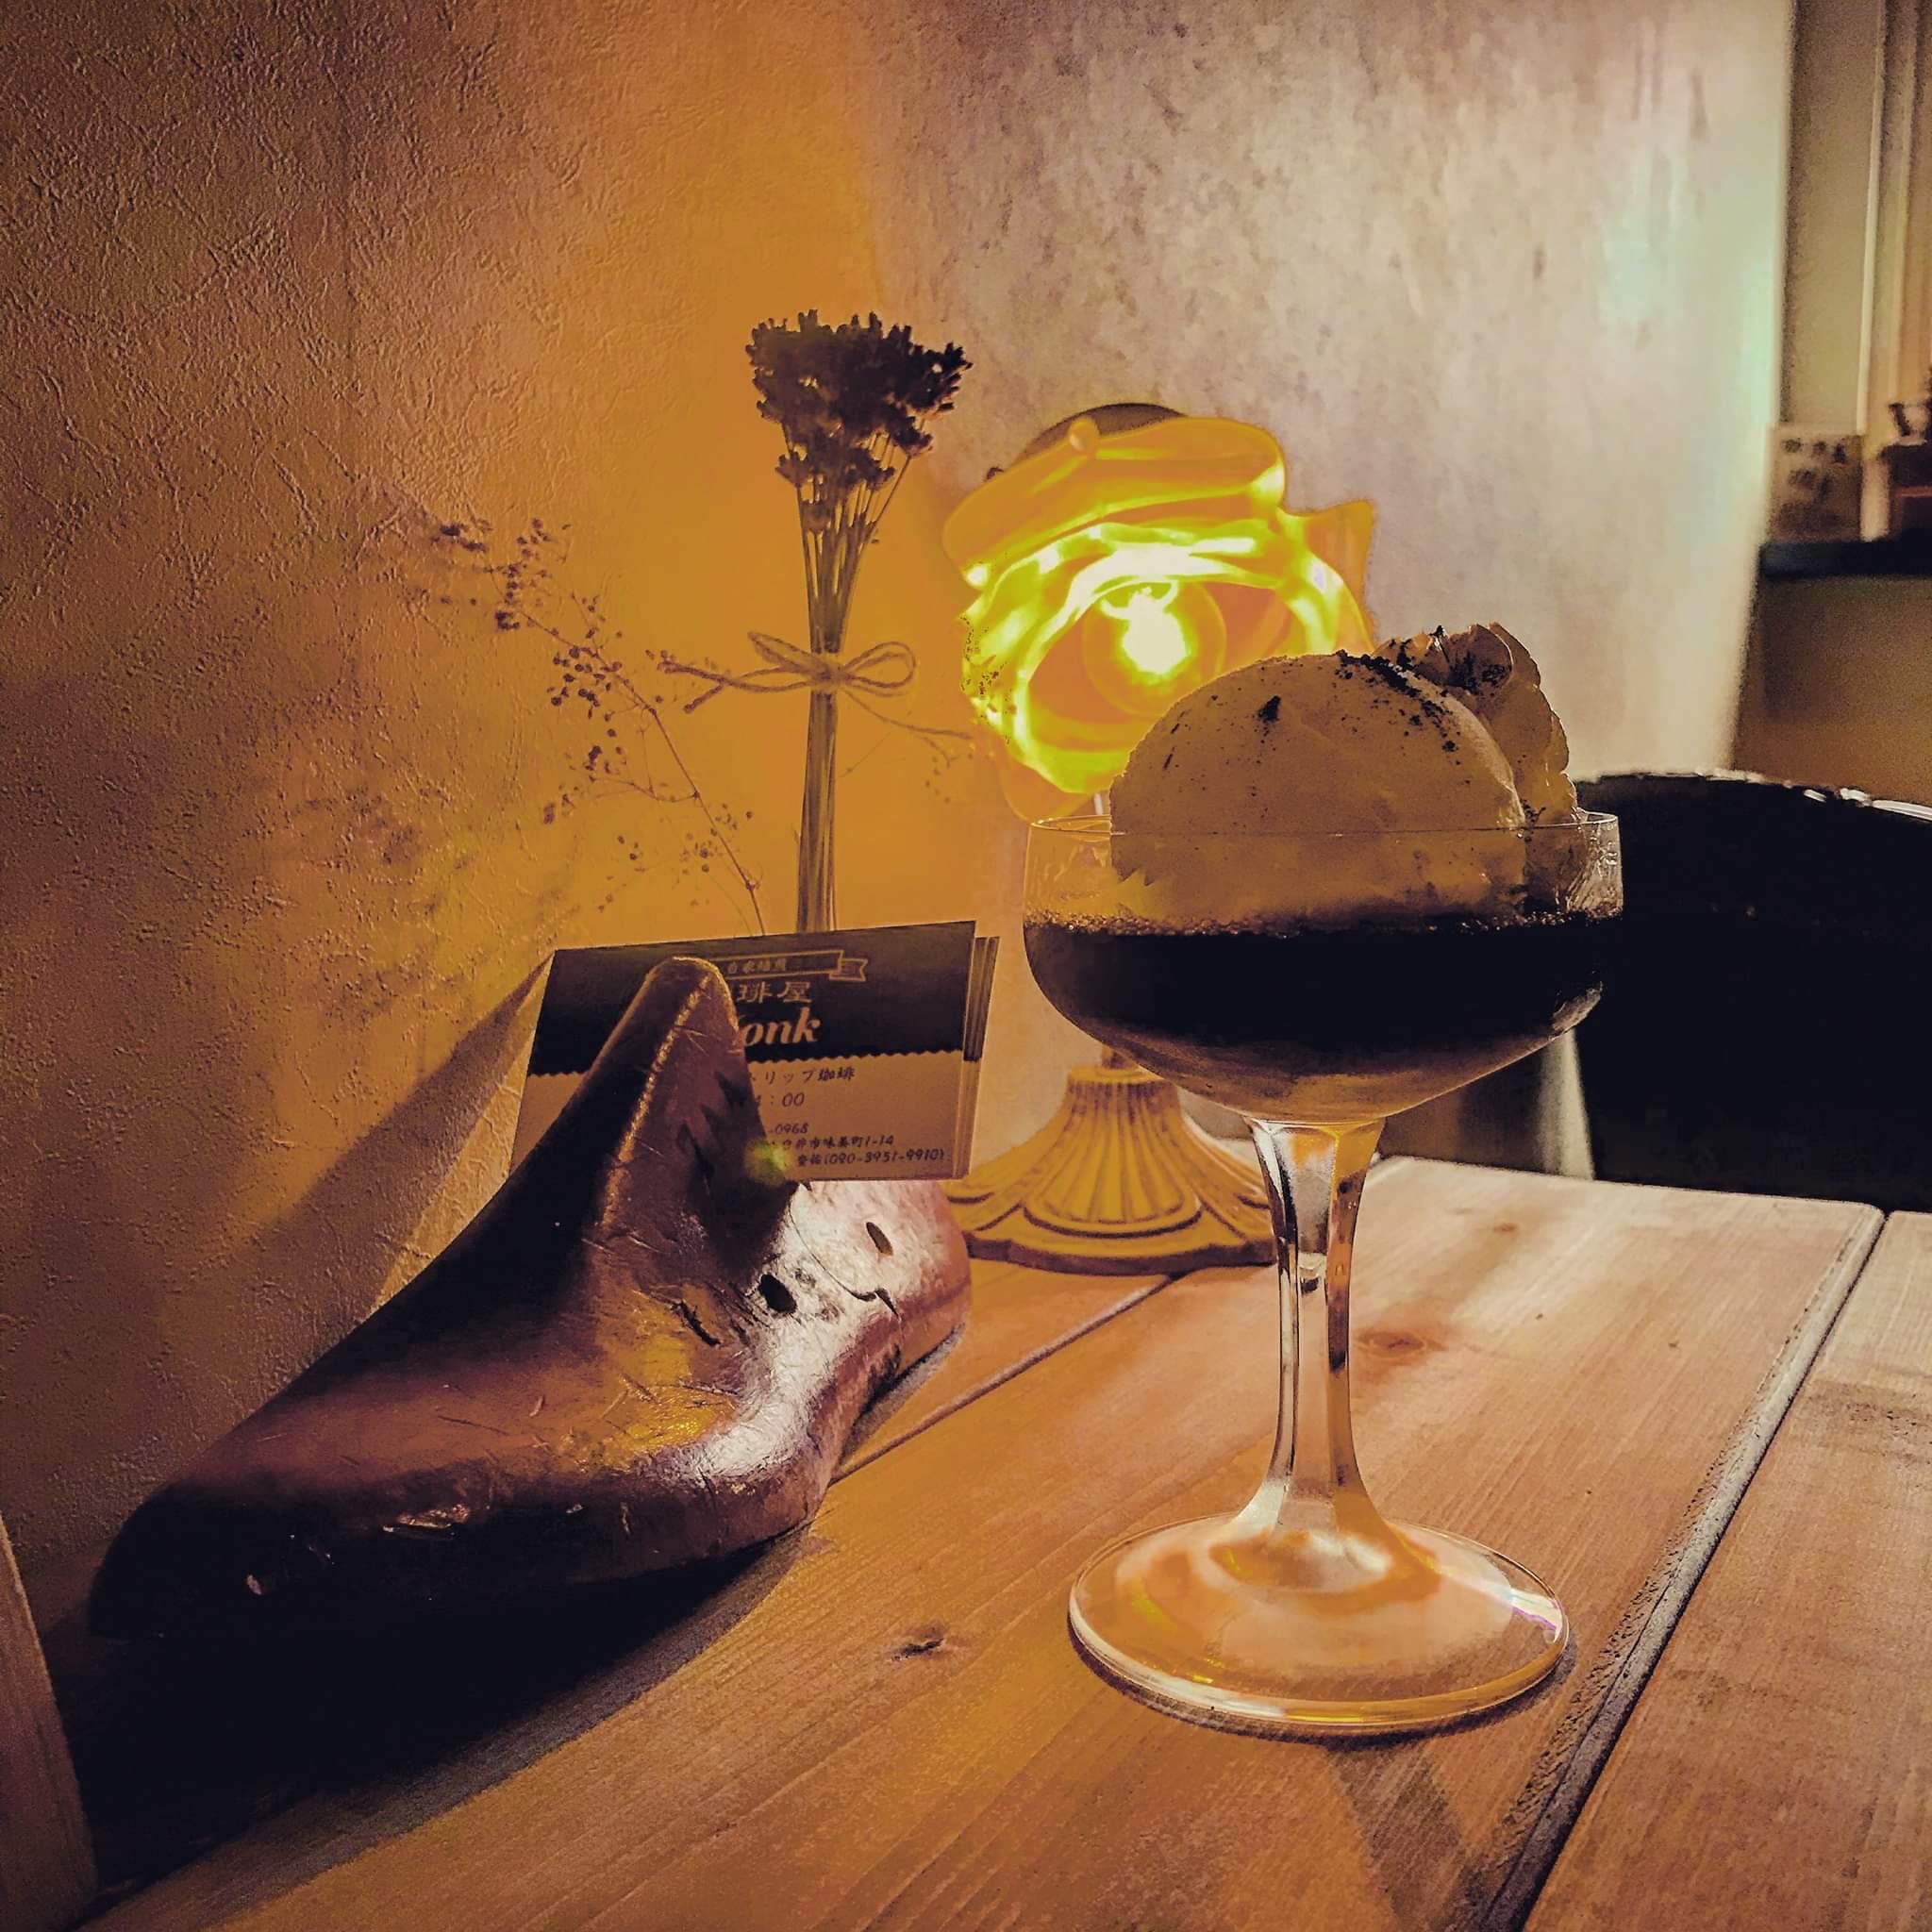 時間を気にせず至極の一杯を。ネルドリップを楽しむ「珈琲屋Monk」 - IMG 4849